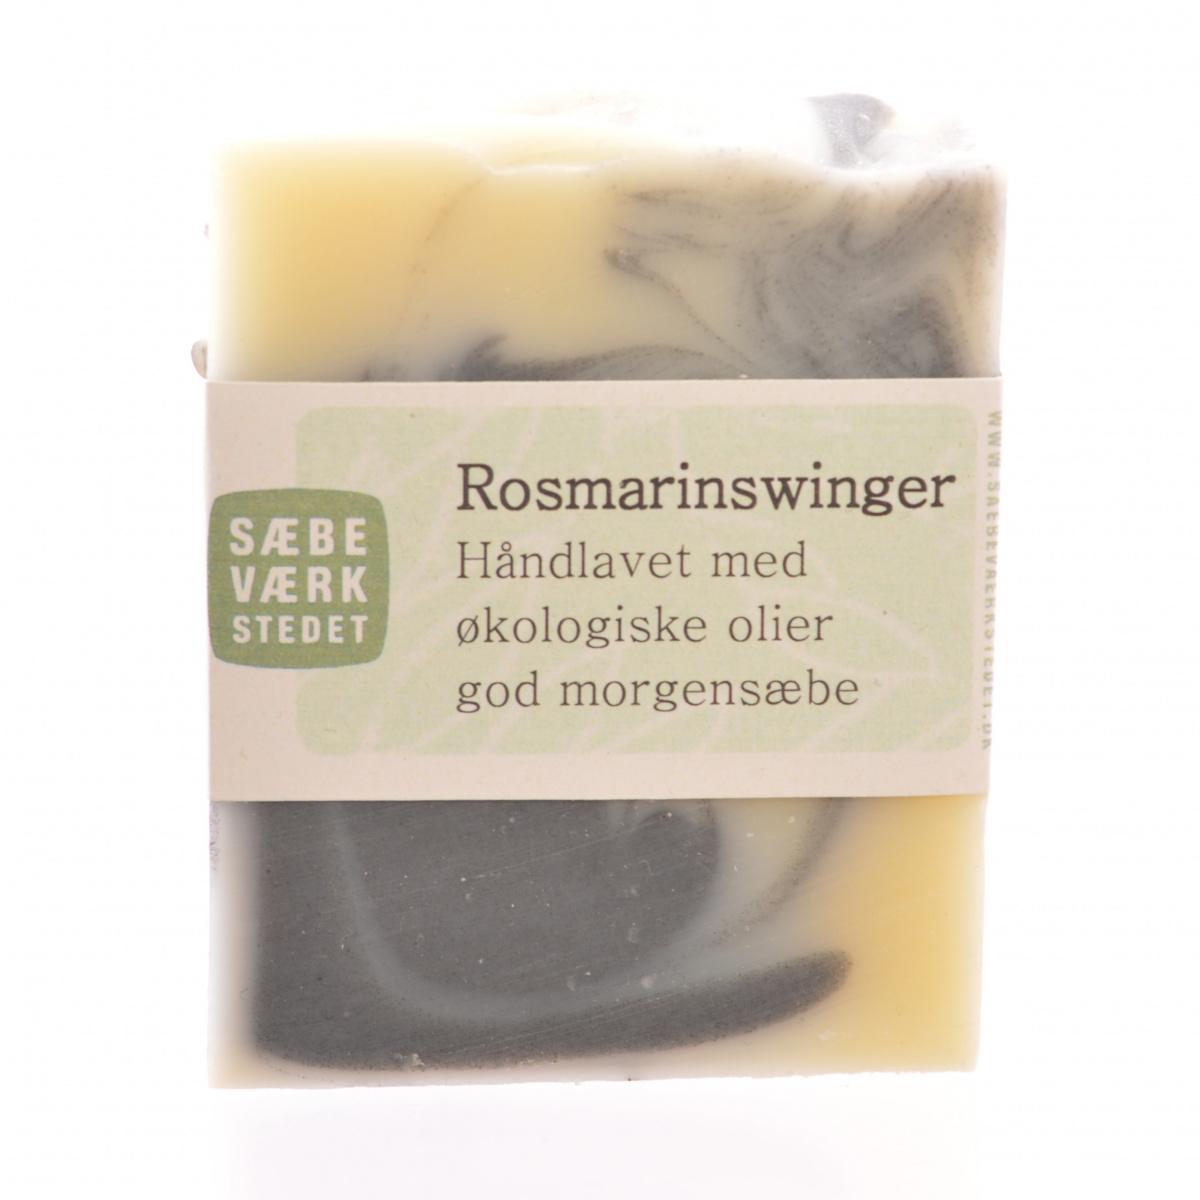 Sæbeværkstedet håndsæbe - rosmarinswinger